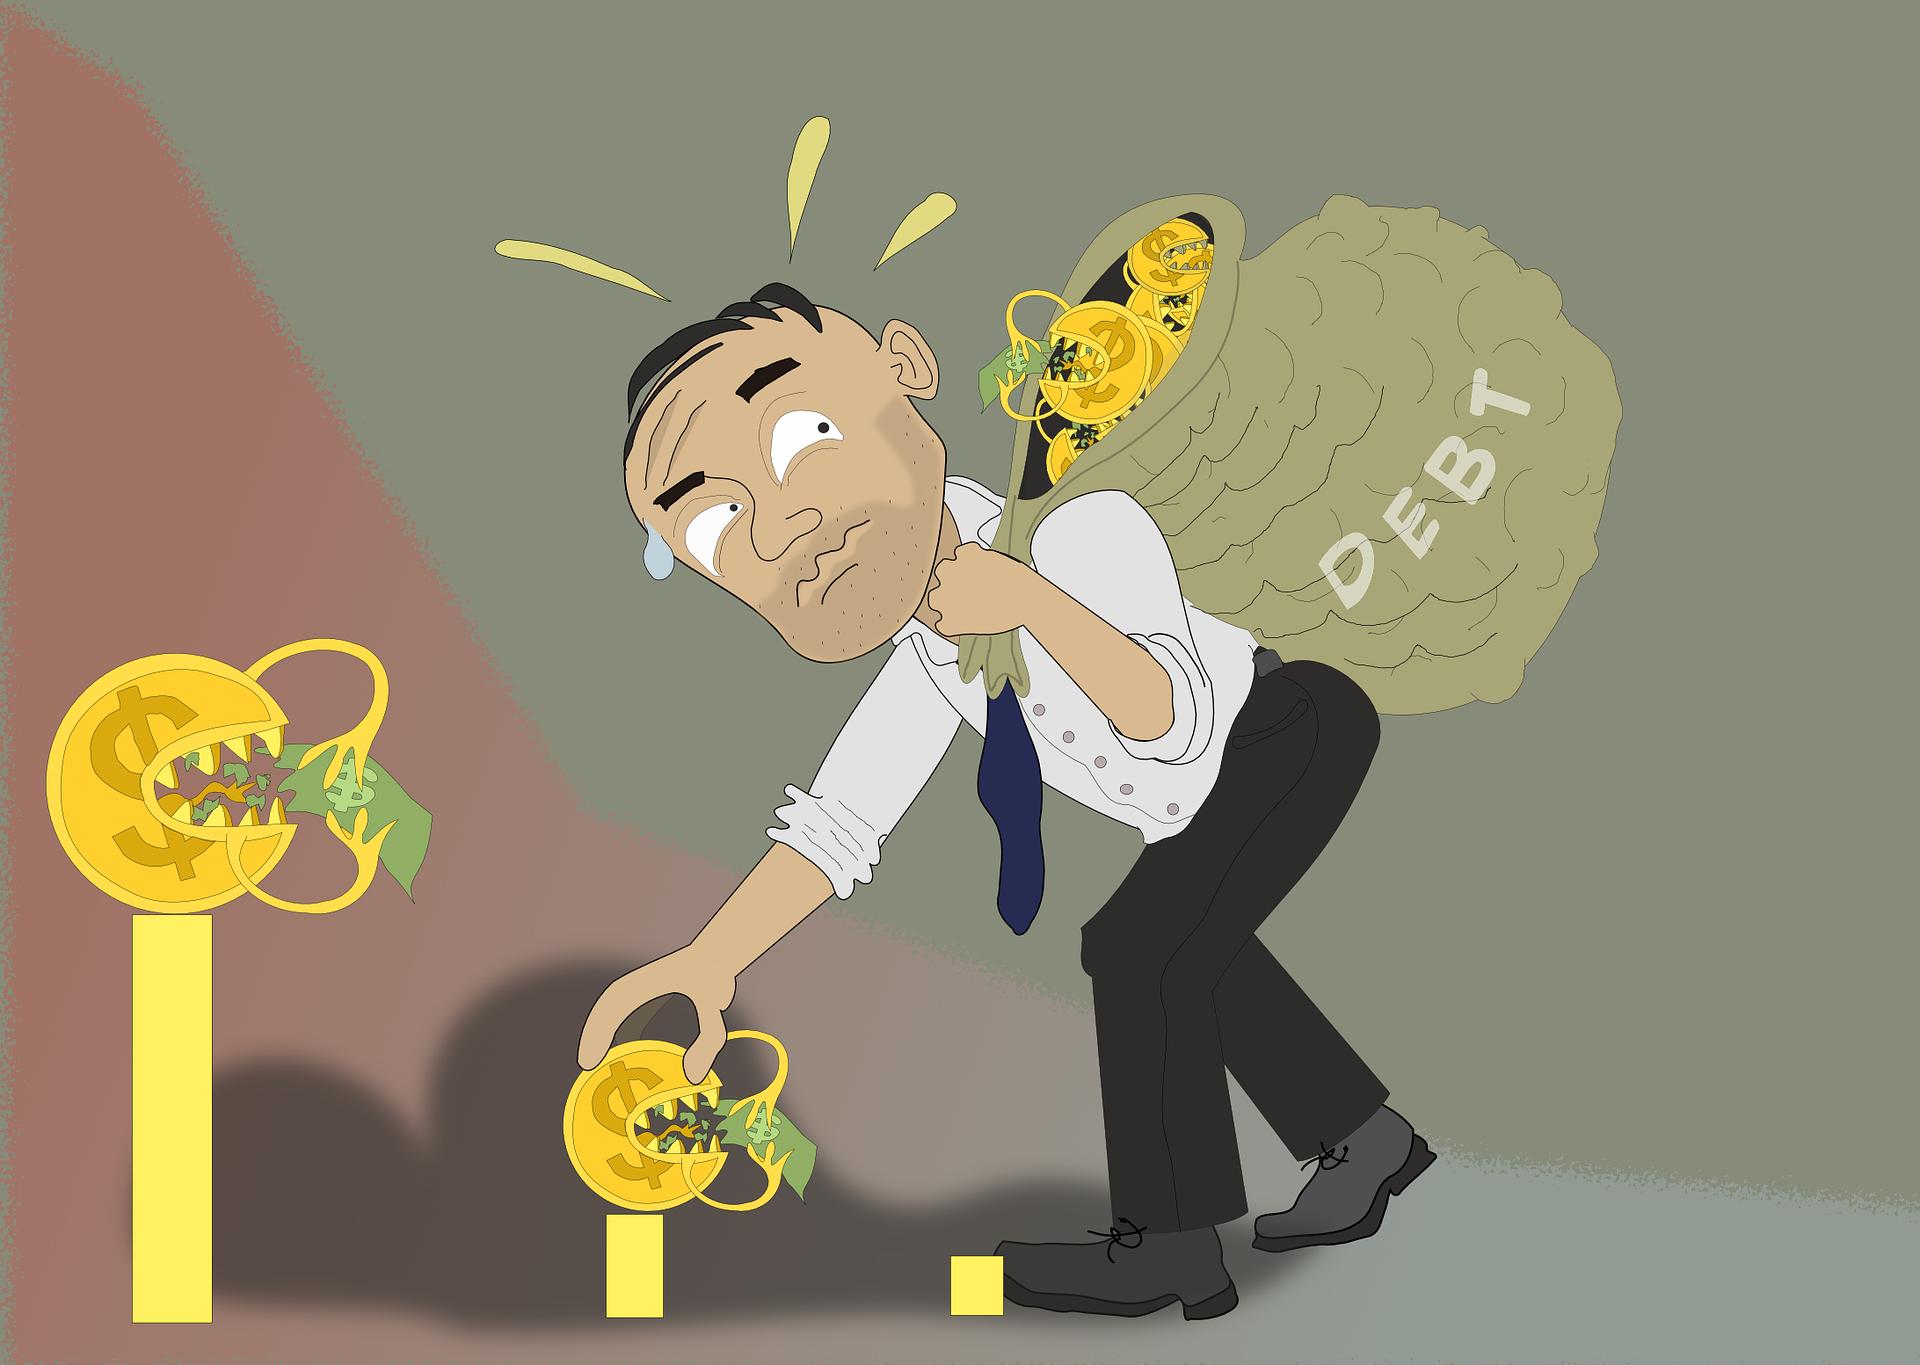 身邊的熟人借錢,是不是也借錢容易,討錢難?